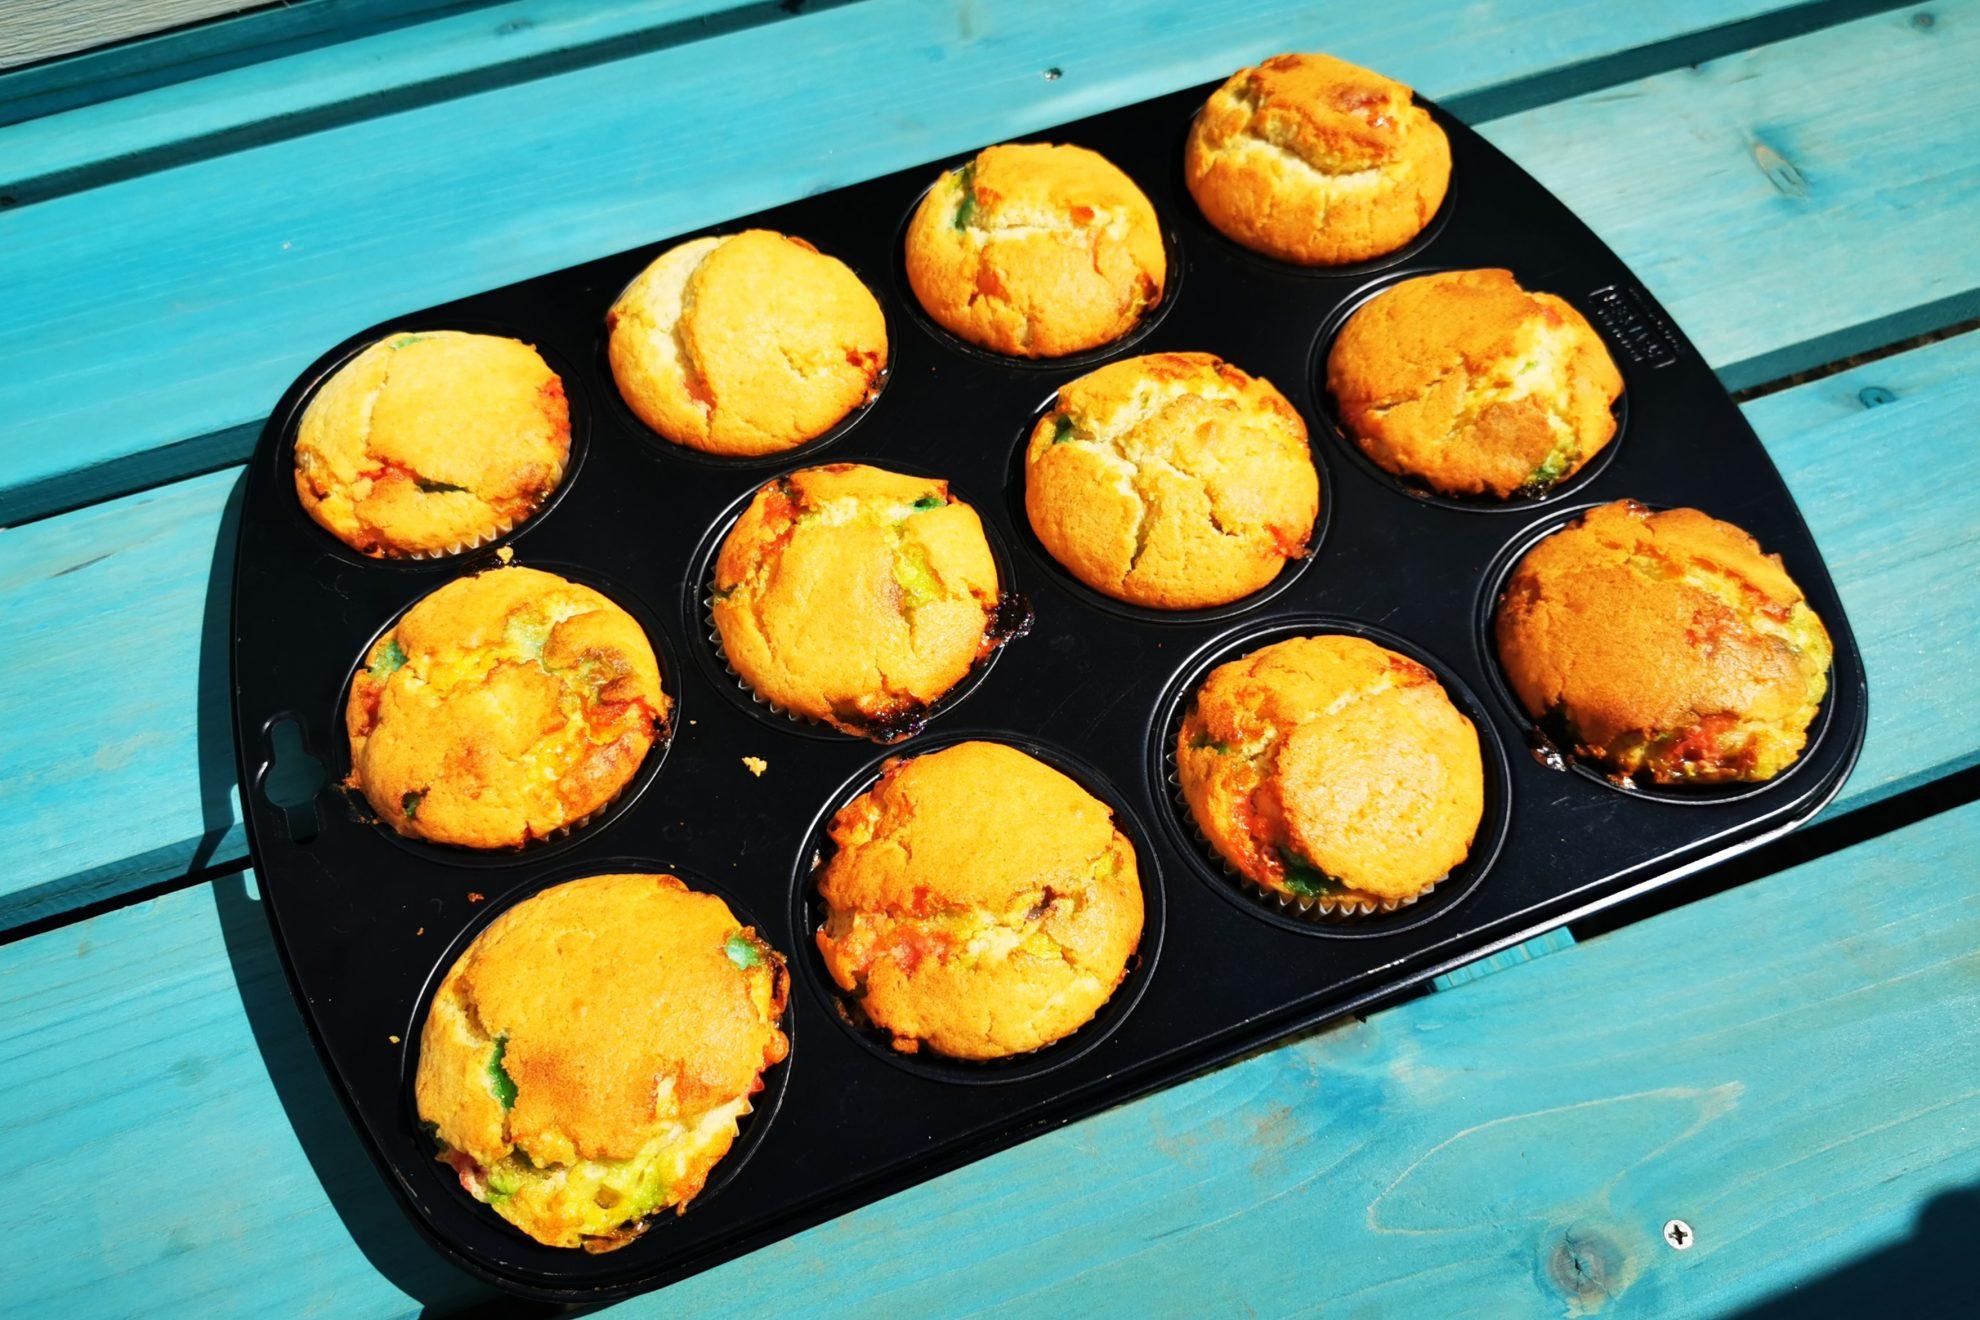 Du suchst nach einem kinderleichten bunten Backrezept? Dann solltest du diese Muffins mit Marshmallows backen. So einfach, schnell & lecker!